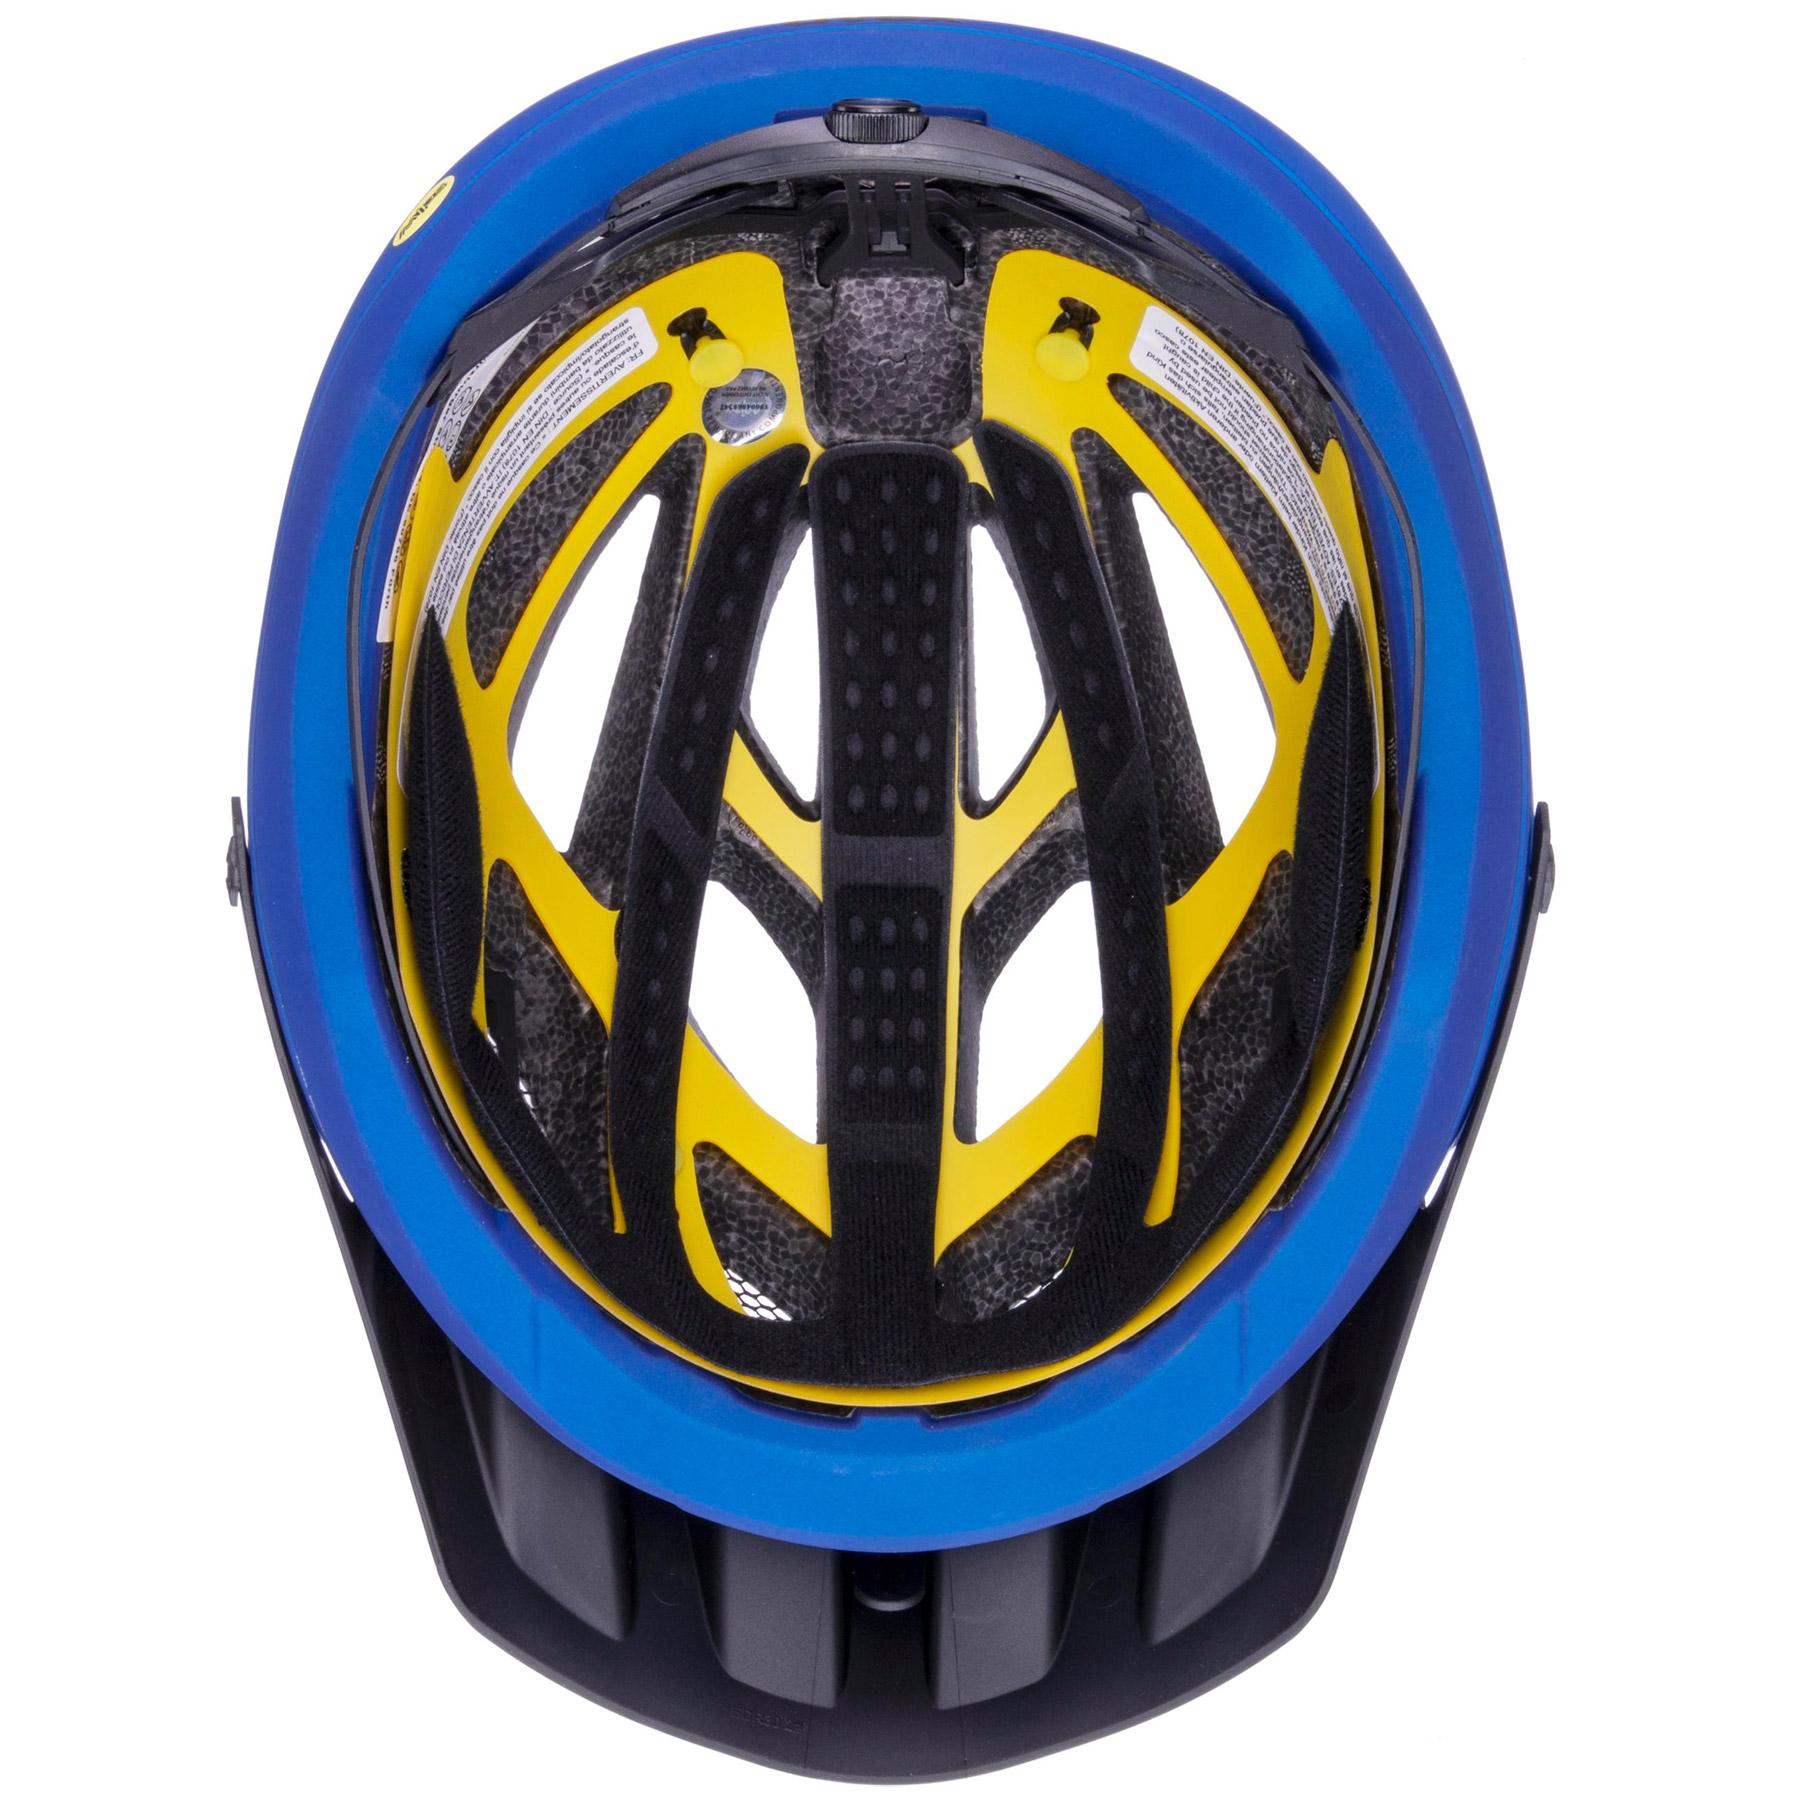 Bild von Uvex unbound MIPS Helm - teal - black mat